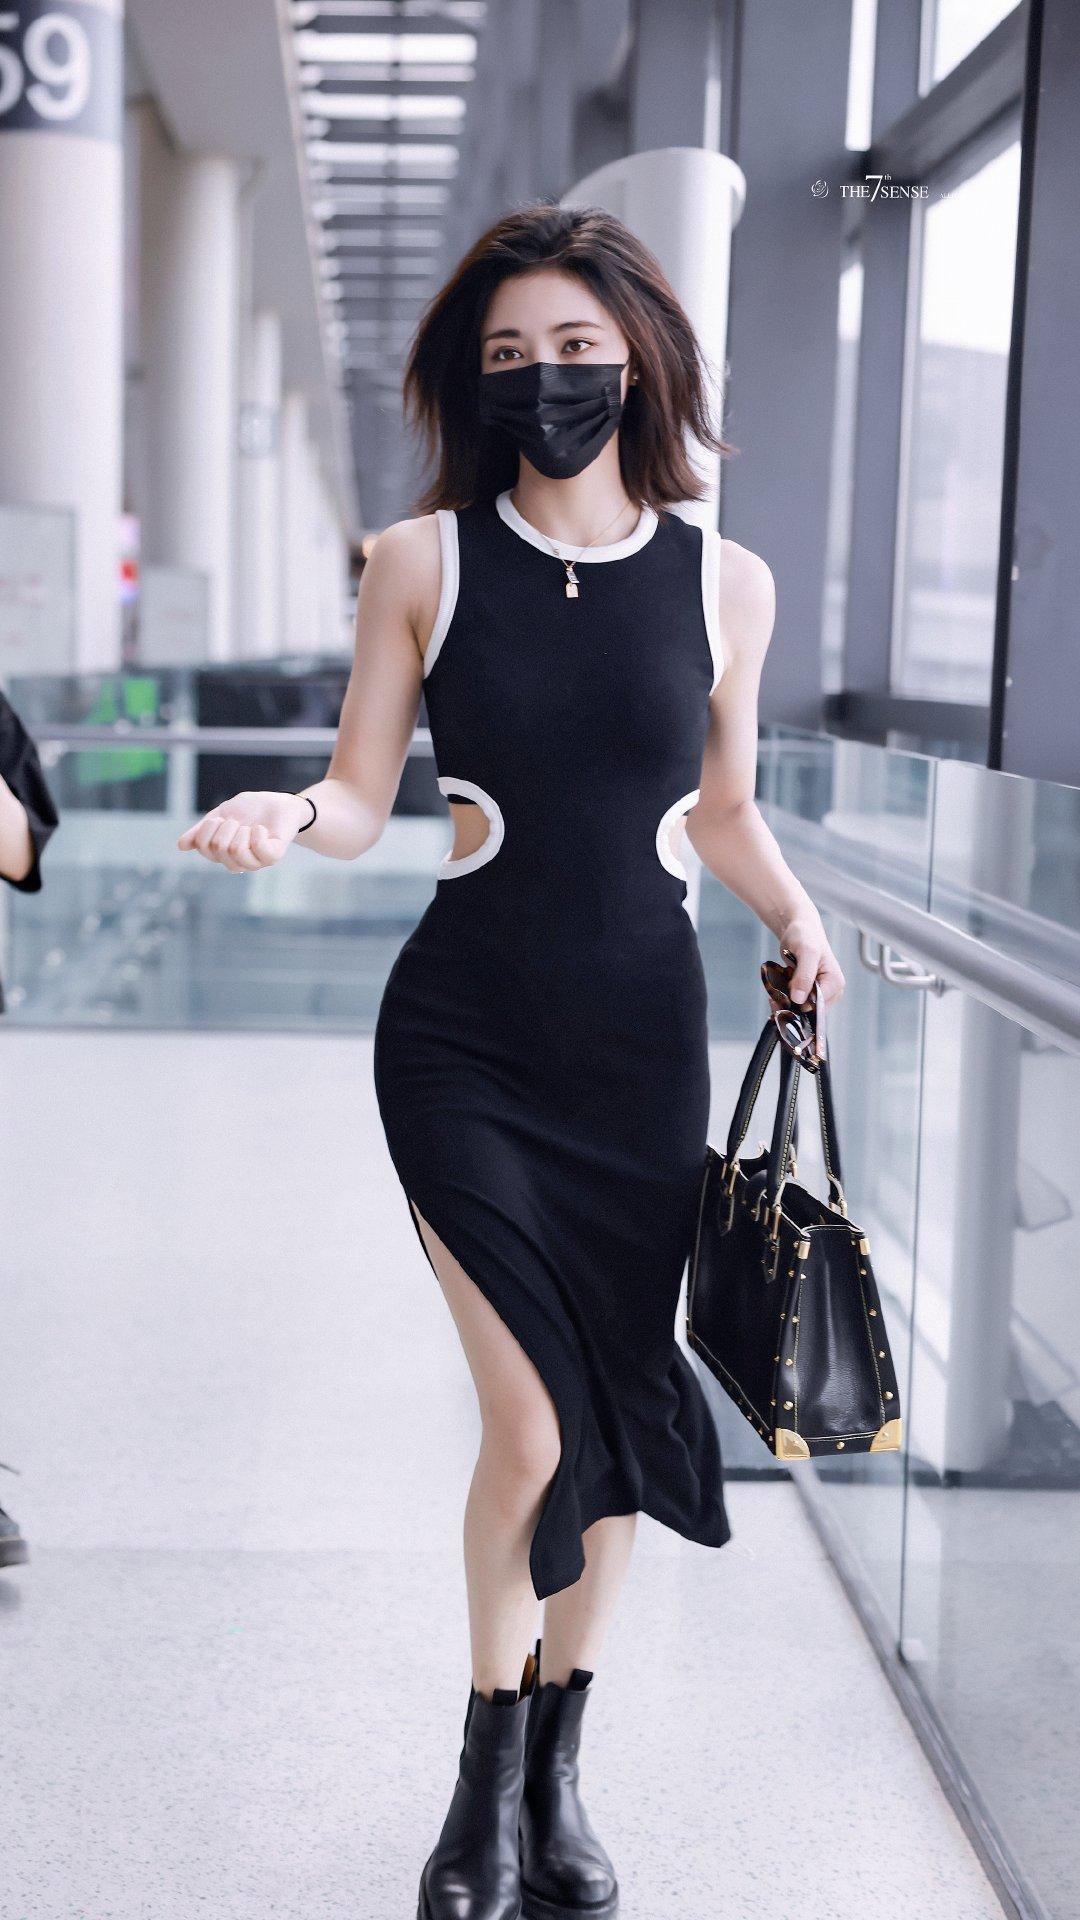 Ngày 22/7, Hứa Giai Kỳ trở về Bắc Kinh sau khi hoàn thành việc quay phim. Thành viên The9 biến sân bay thành sàn catwalk với chiếc váy bó sát khoe đường cong quyến rũ.